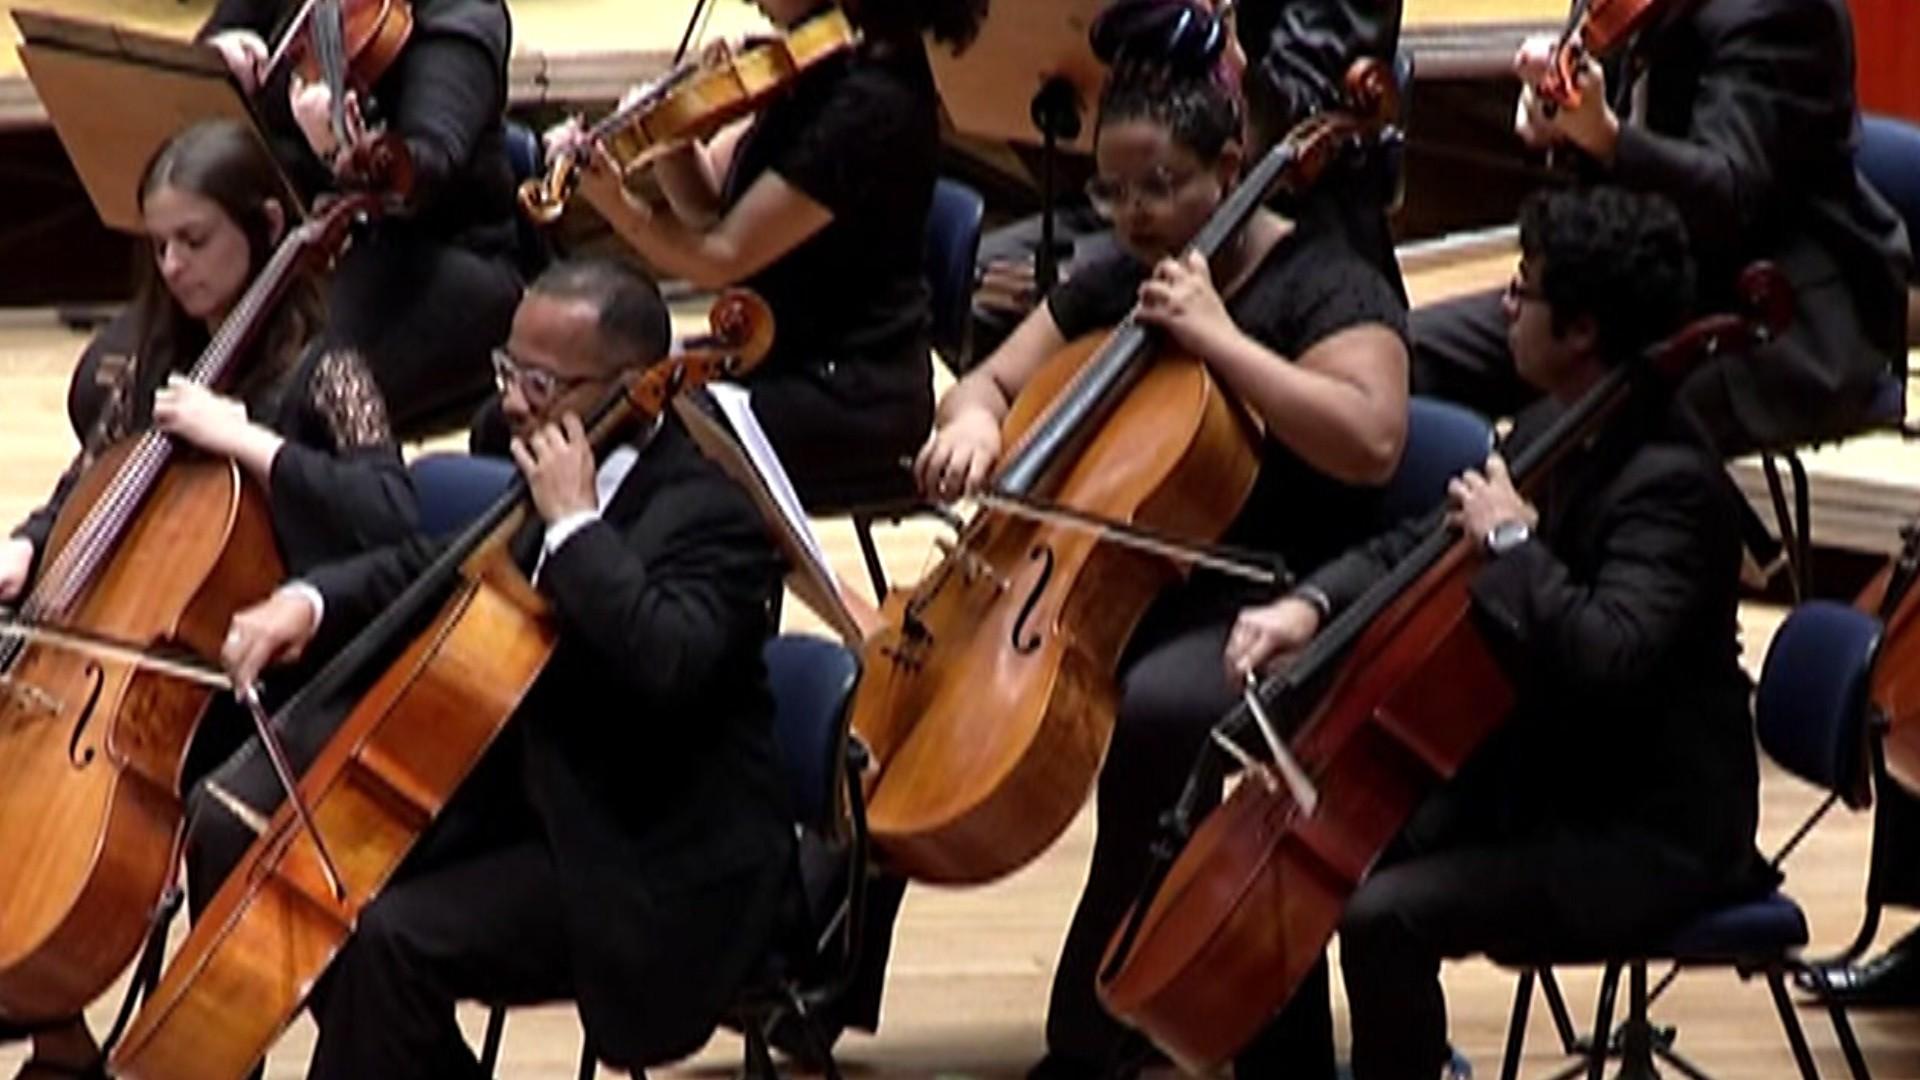 Orquestra Sinfônica Jovem de Mogi faz apresentação na Sala São Paulo - Noticias